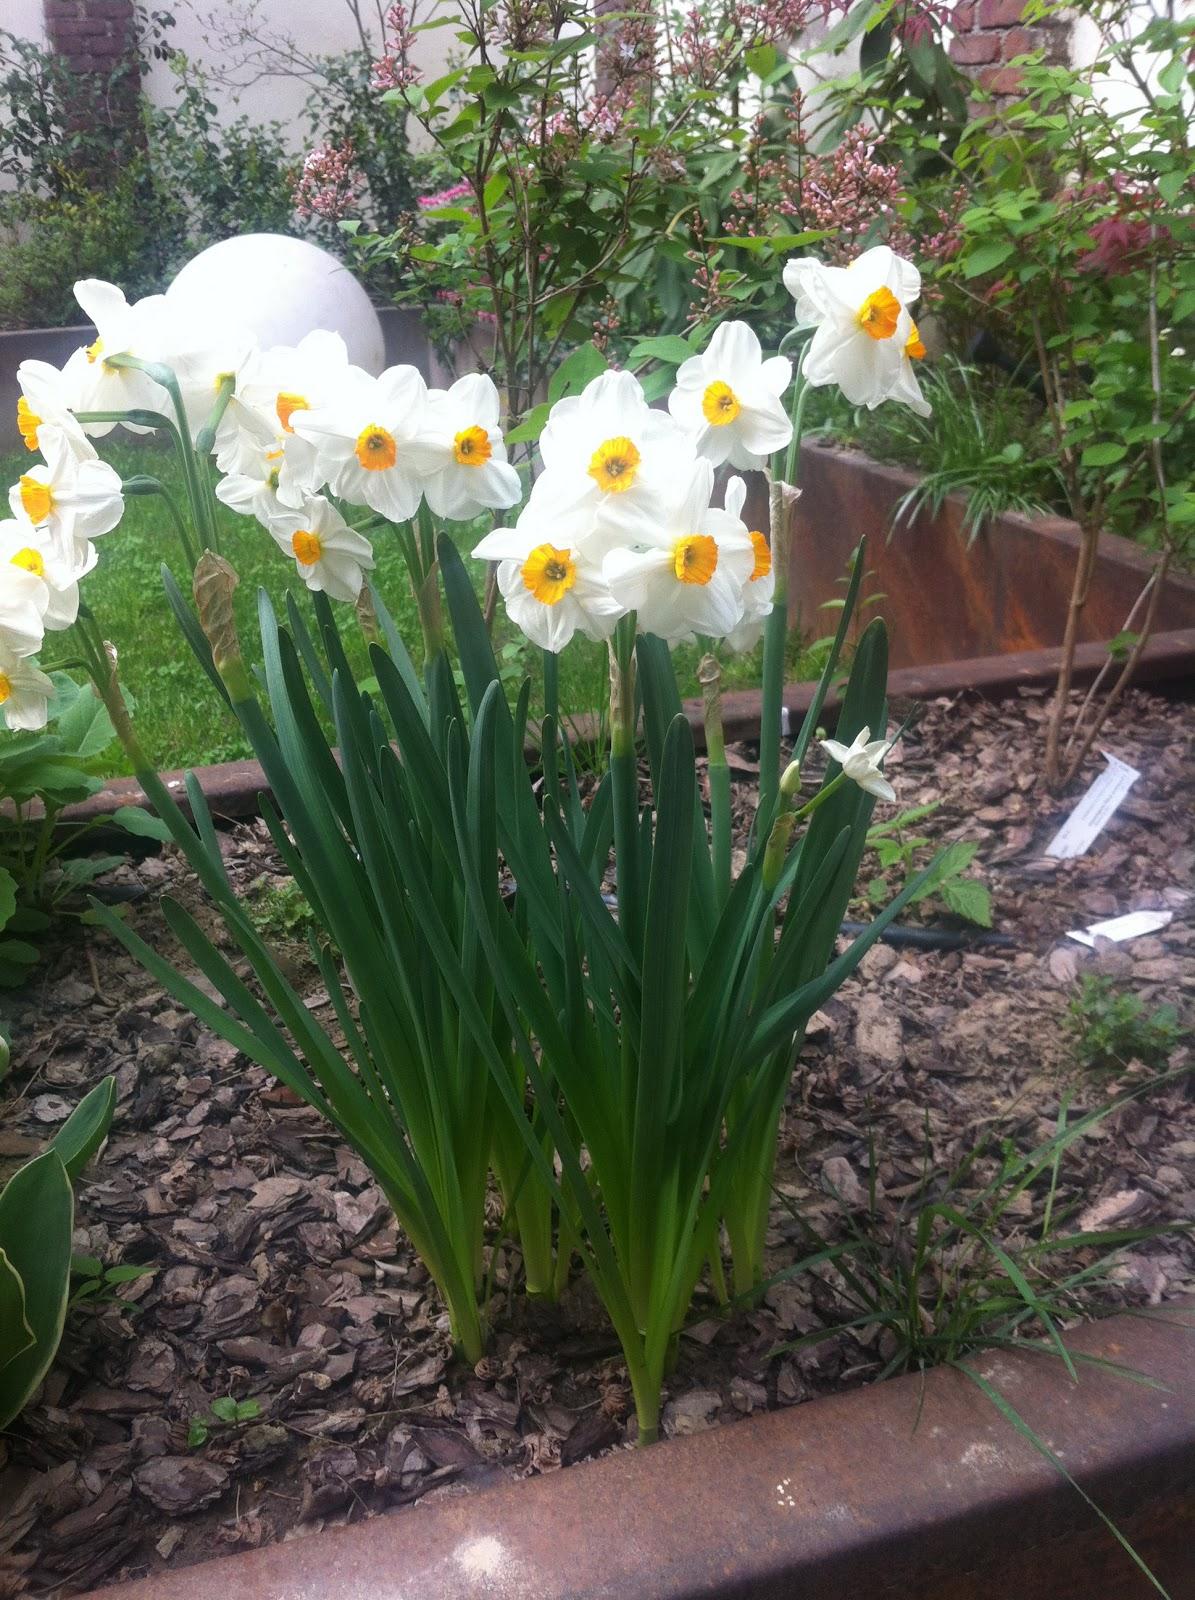 Giardino metropolitano tulipani e narcisi in fiore for Fiori bulbi